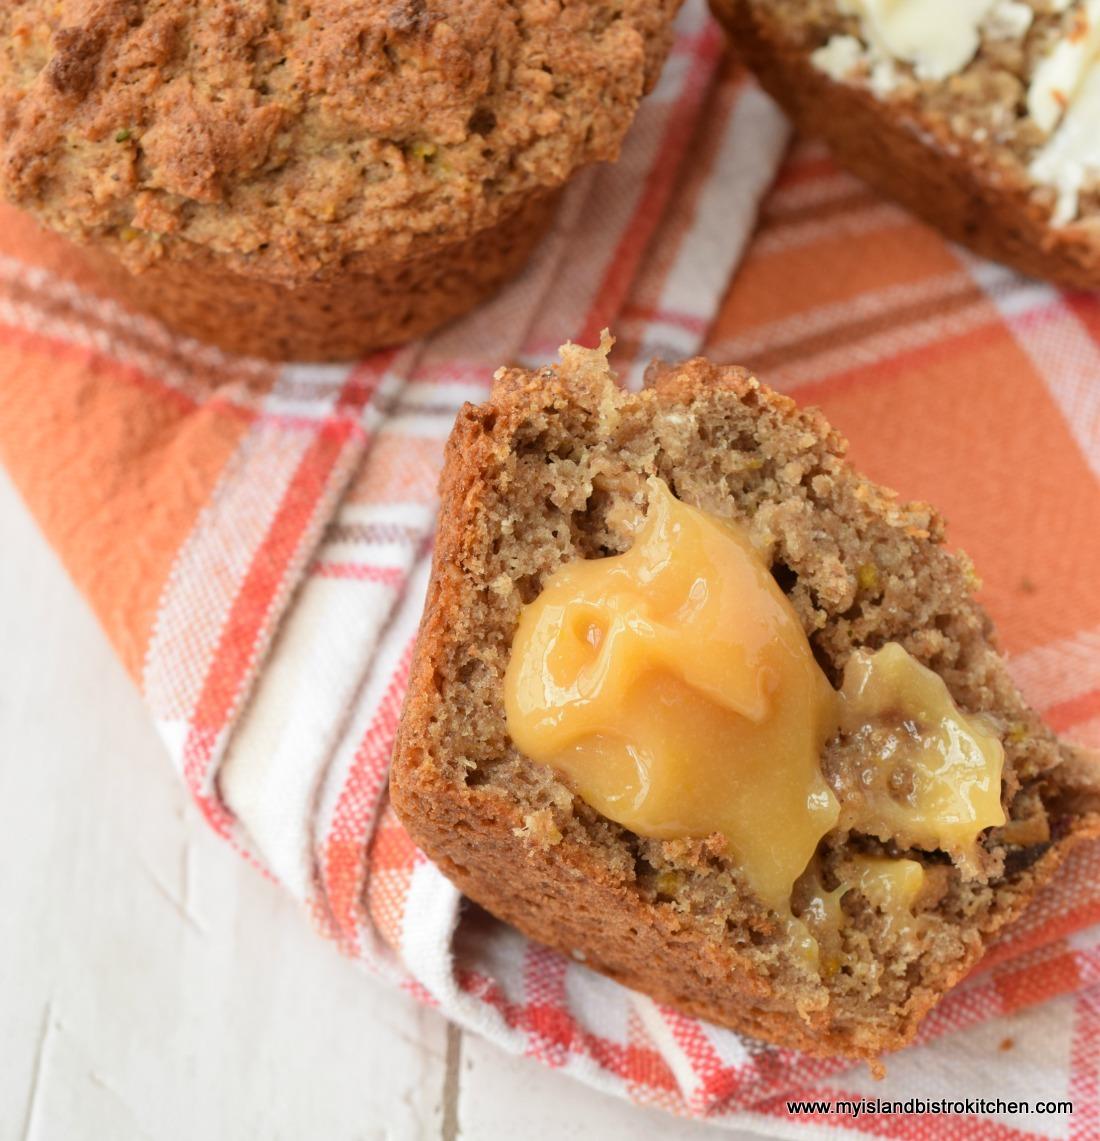 Rhubarb Curd Spread on Muffins